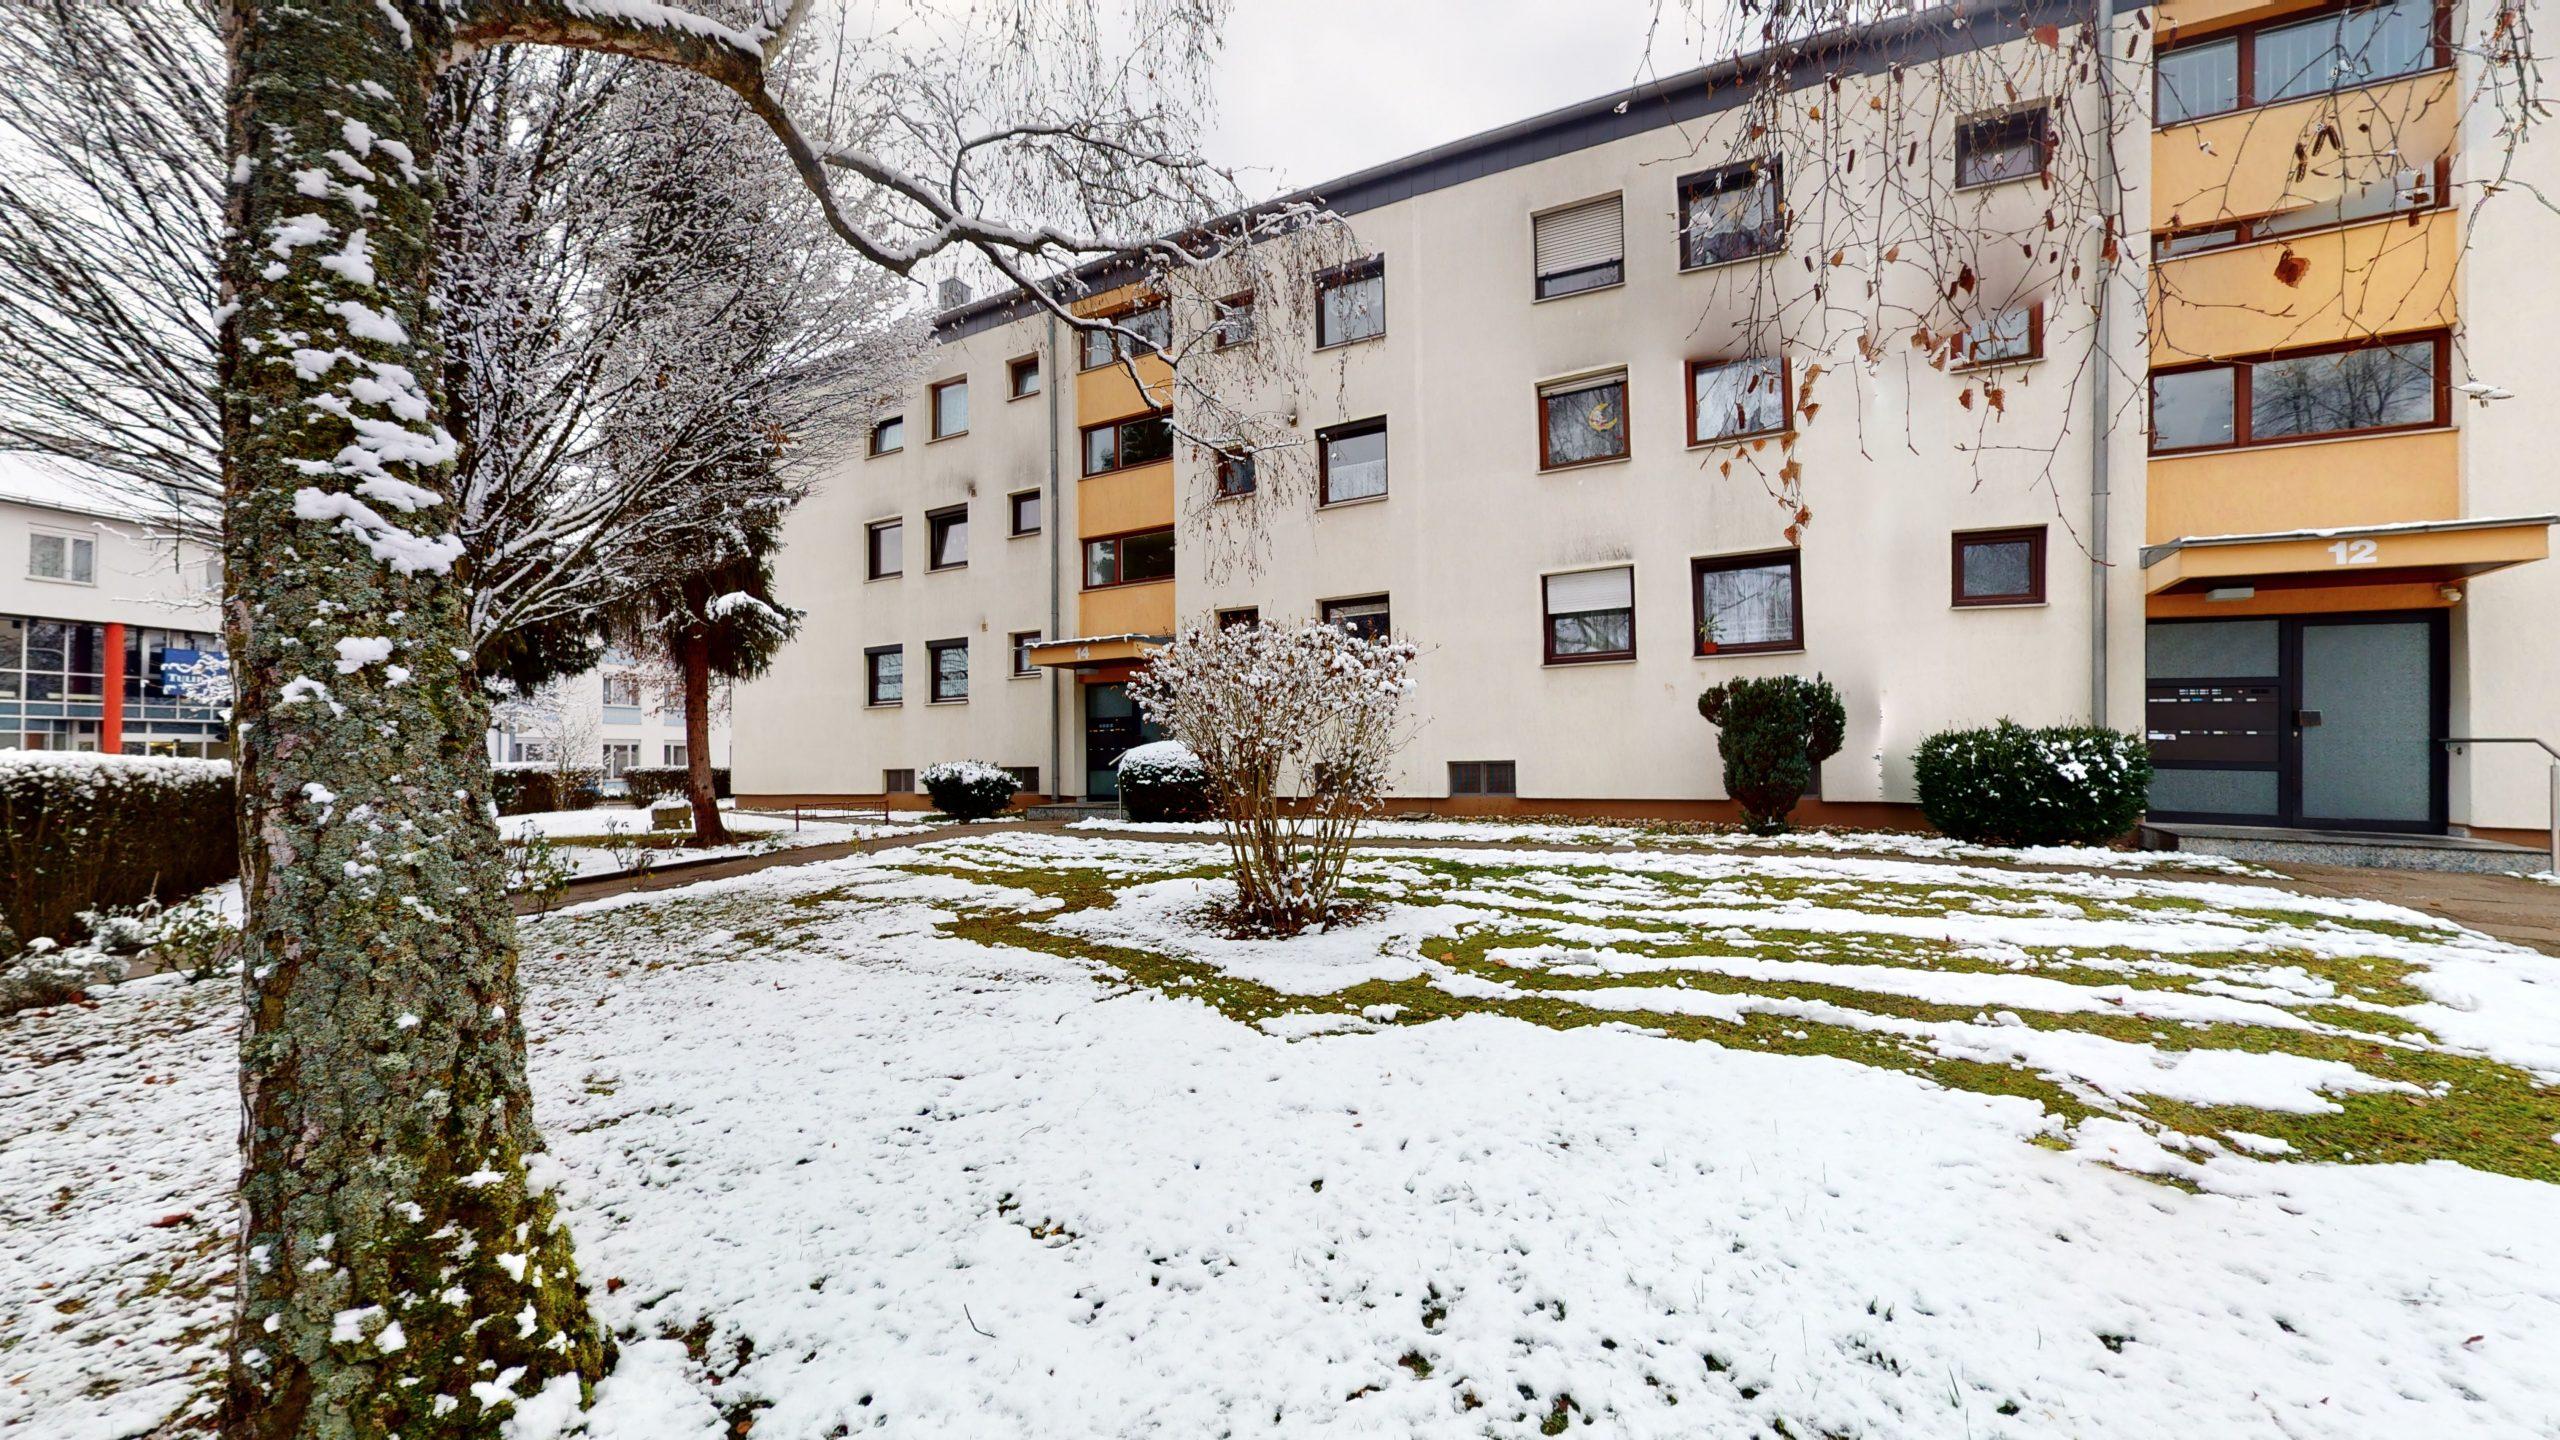 Schone-4-Zimmer-Wohnung-in-Sindelfingen-01112021_140832